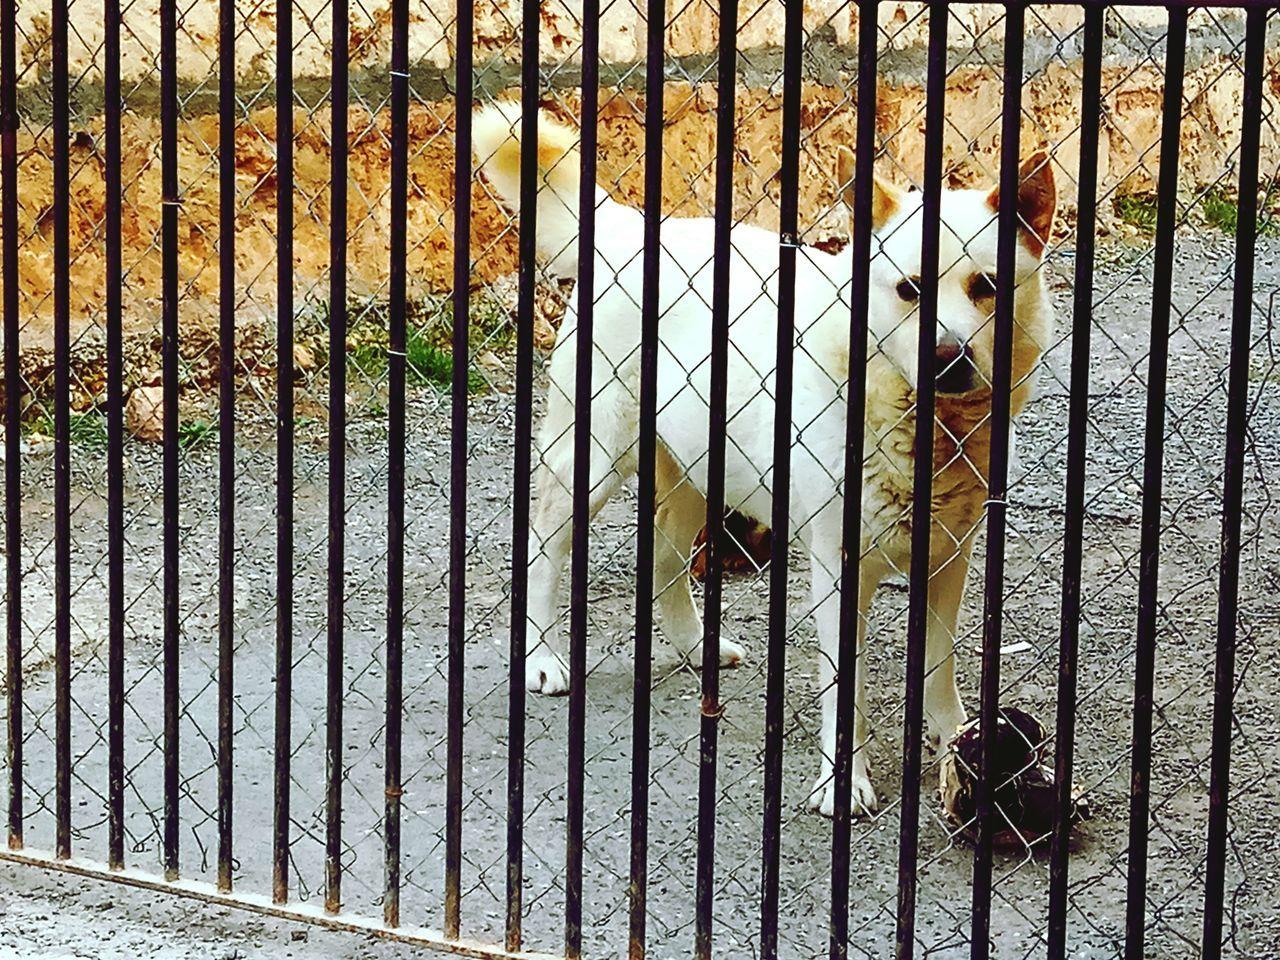 Dog perpp Perro Pensador Perro Filósofo Thinking Dog Big Dog My Dog Quiet Dog